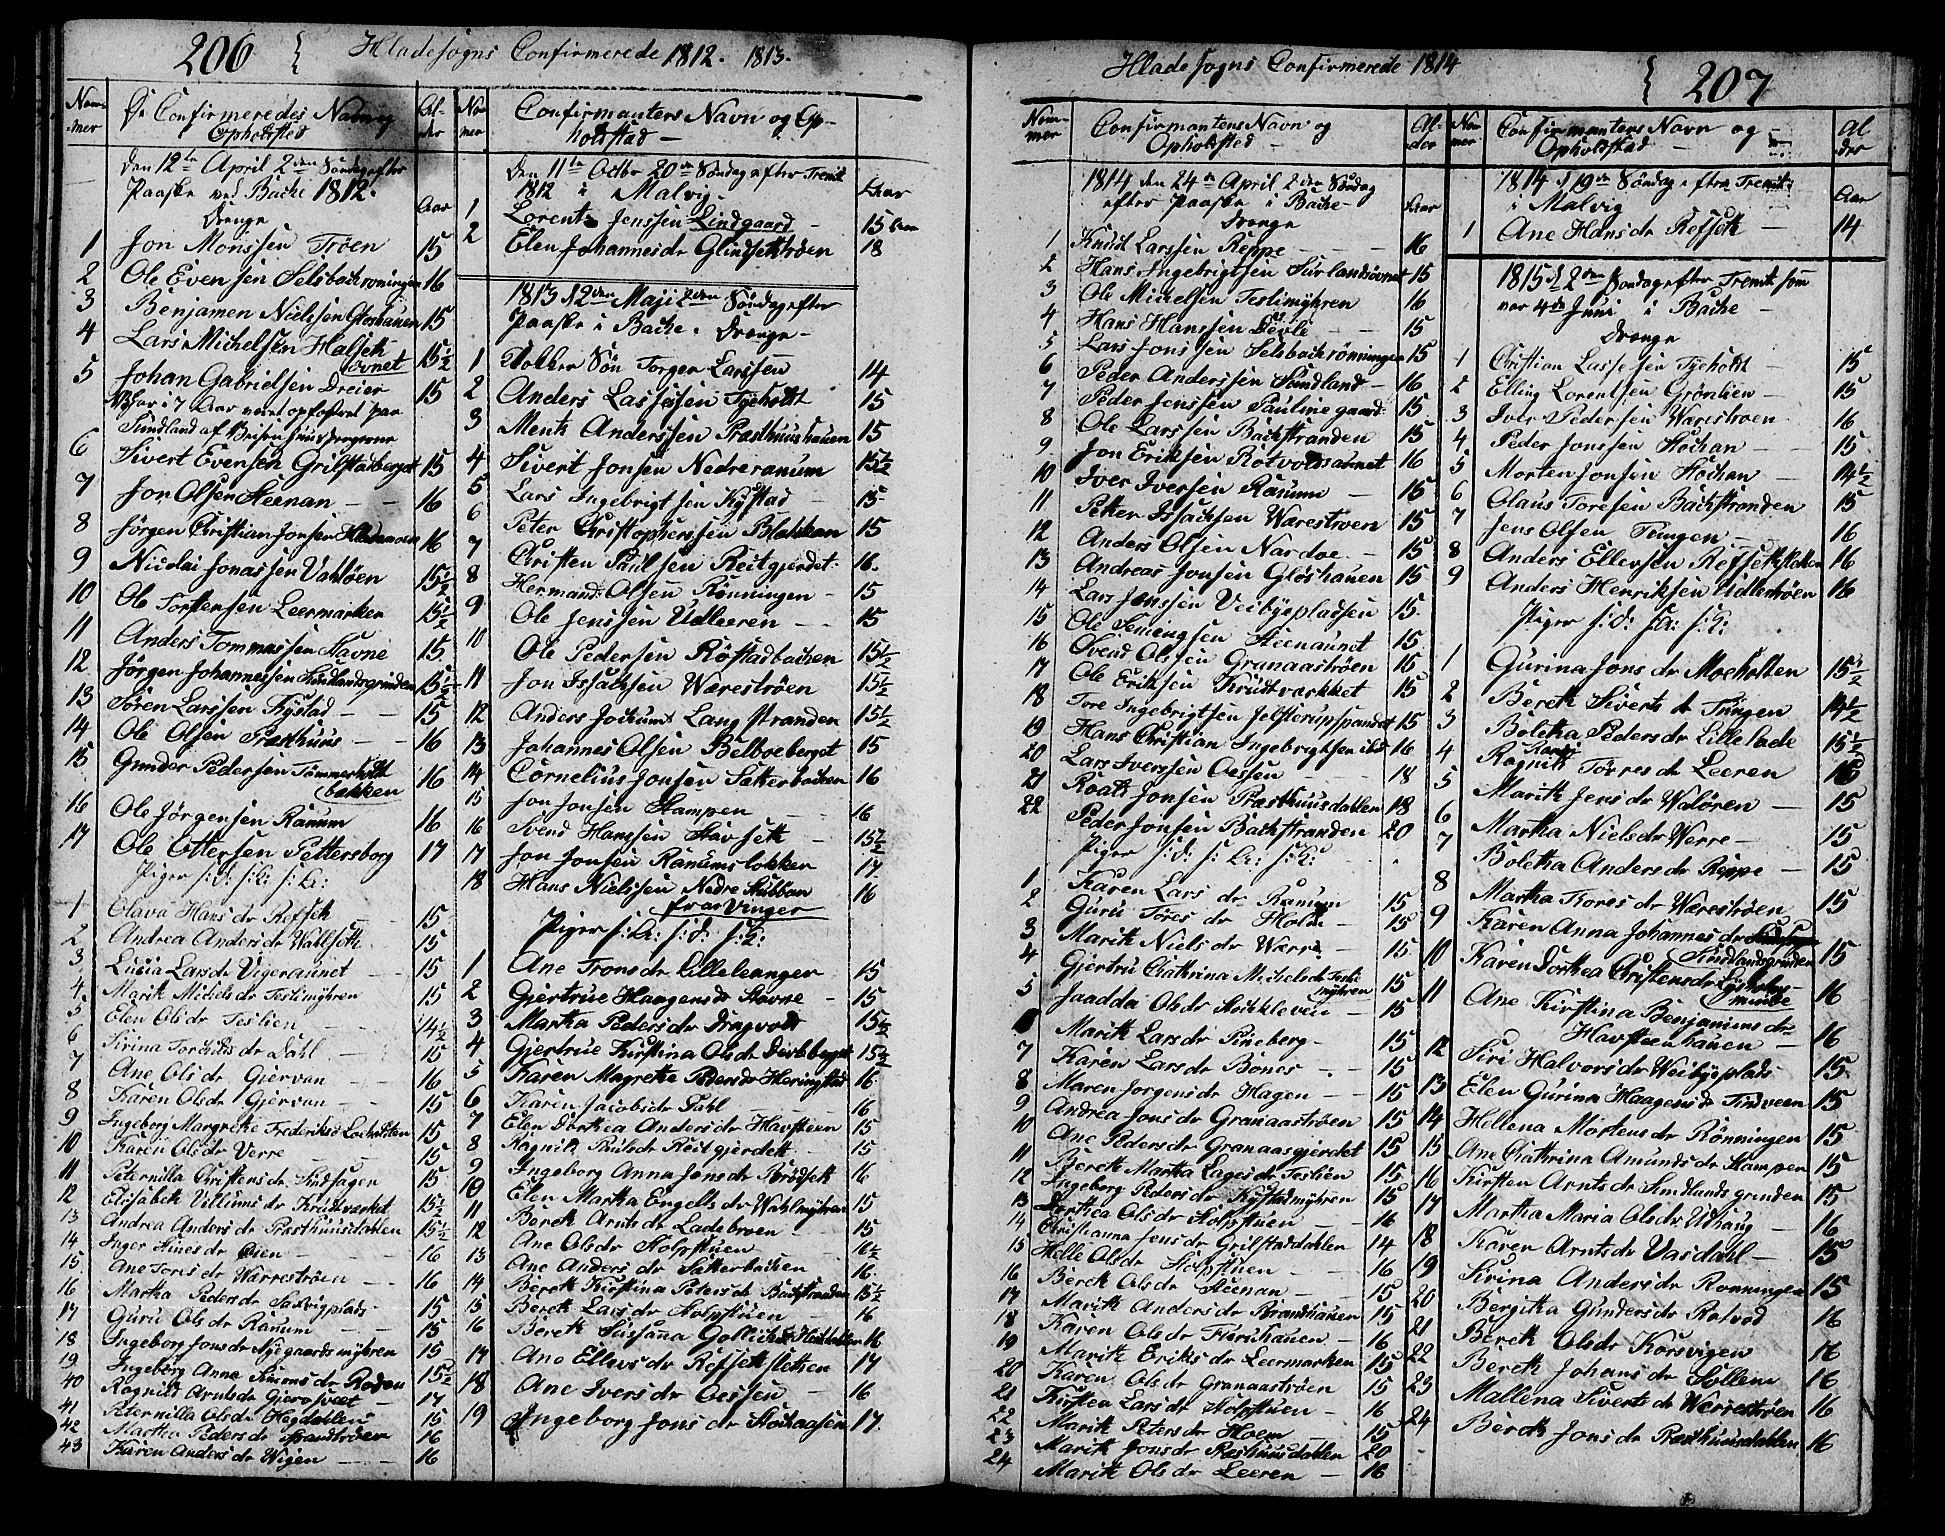 SAT, Ministerialprotokoller, klokkerbøker og fødselsregistre - Sør-Trøndelag, 606/L0306: Klokkerbok nr. 606C02, 1797-1829, s. 206-207